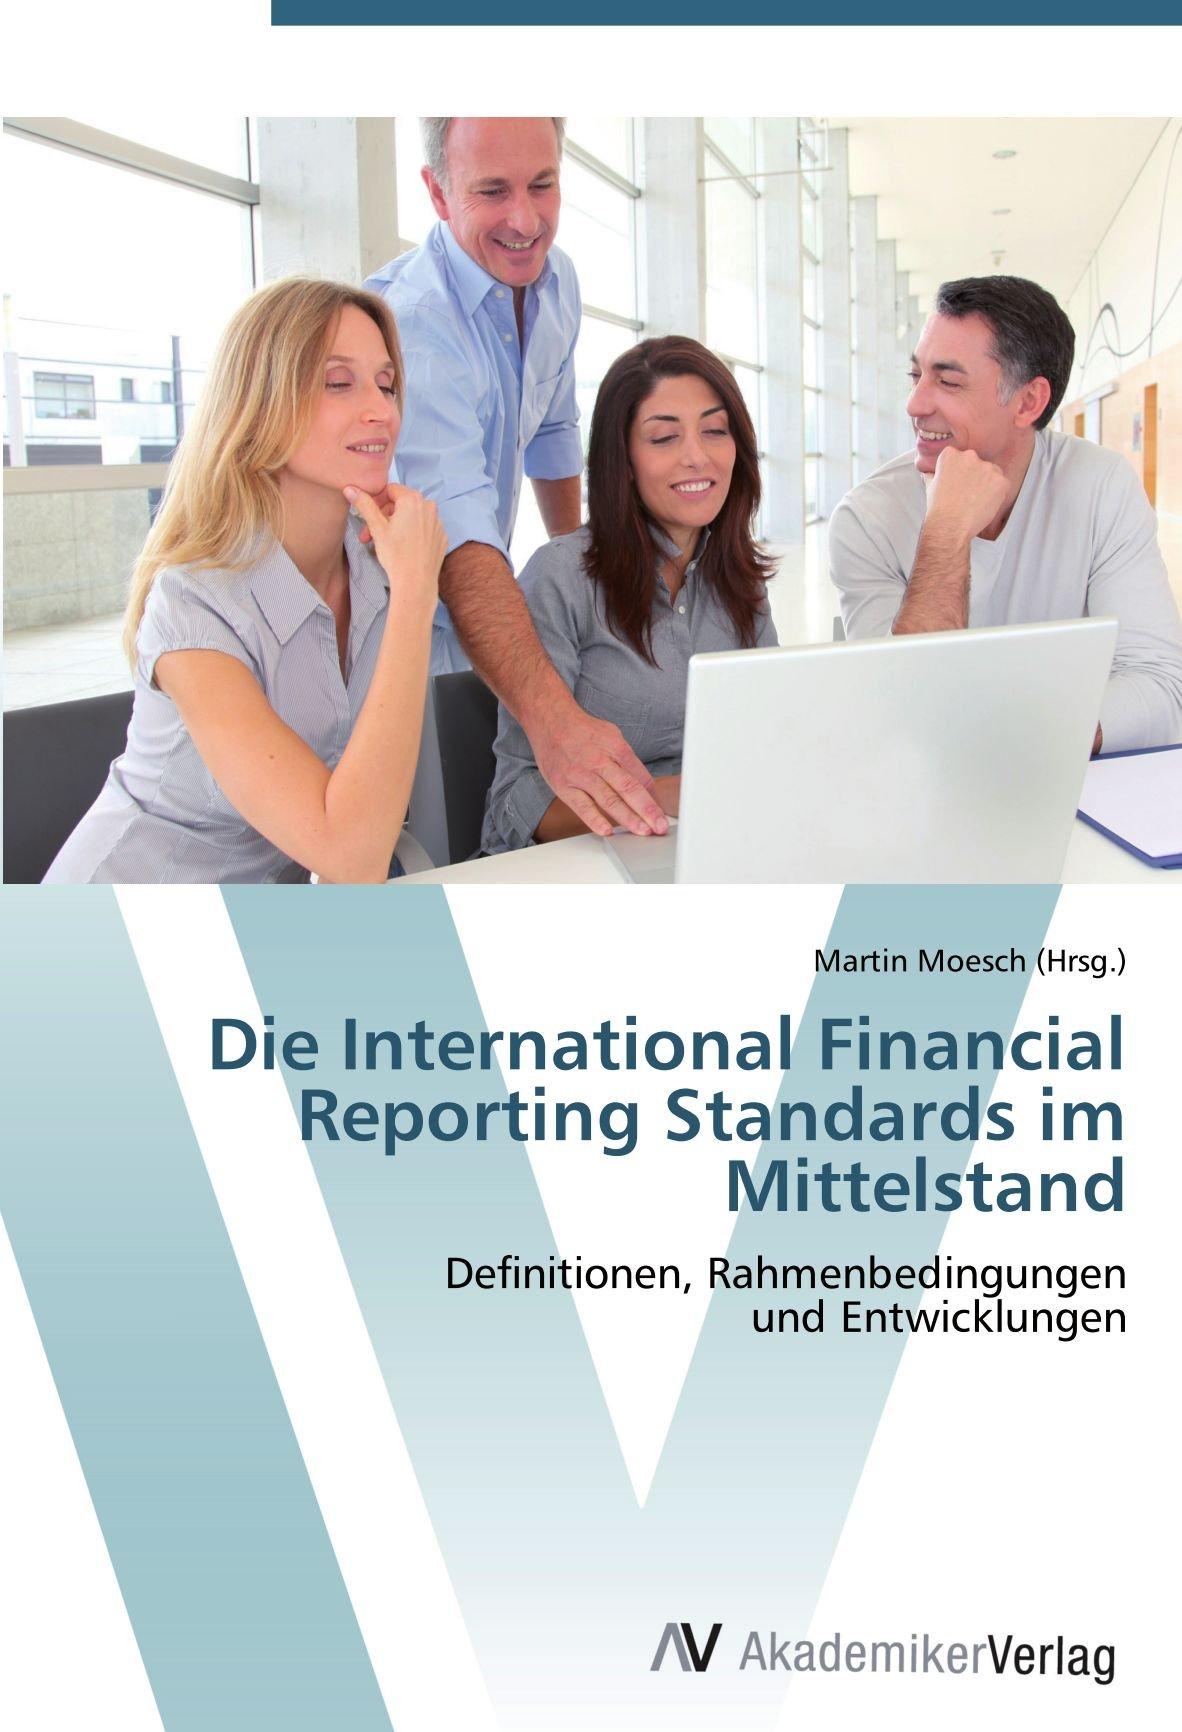 Die International Financial Reporting Standards im Mittelstand: Definitionen, Rahmenbedingungen und Entwicklungen